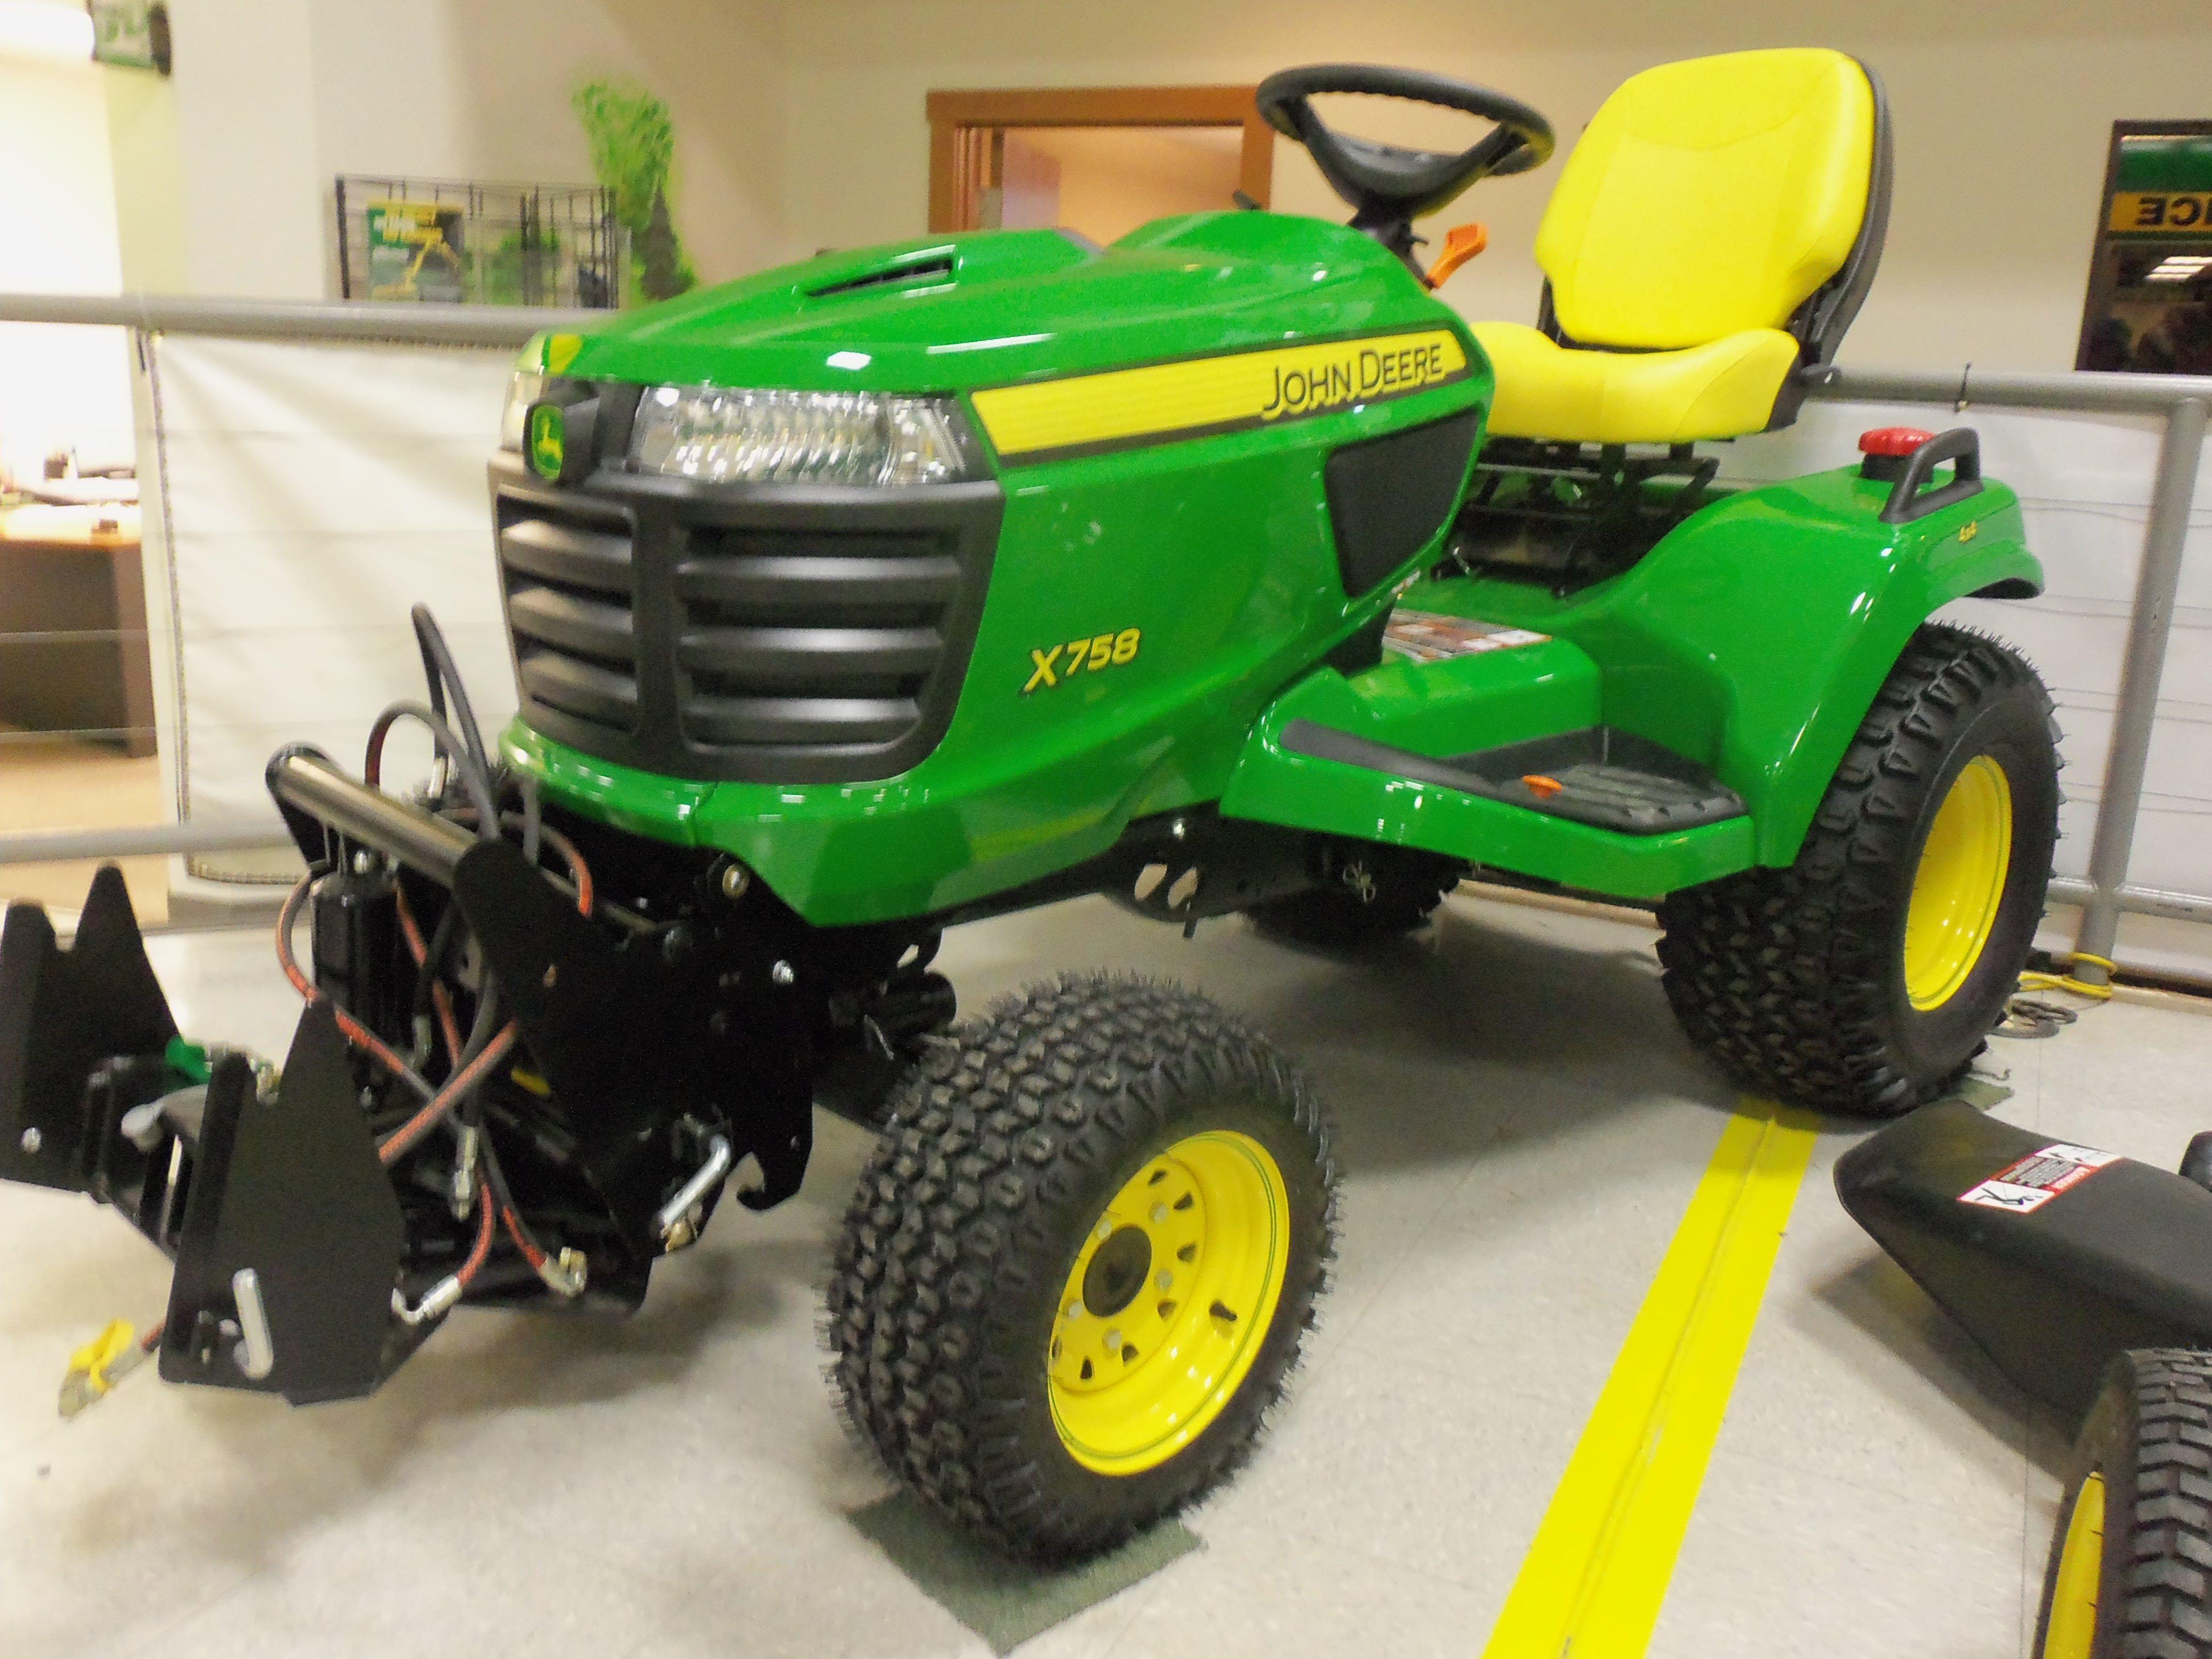 John Deere X758 garden tractor24hp60cid diesel1258 lbs from